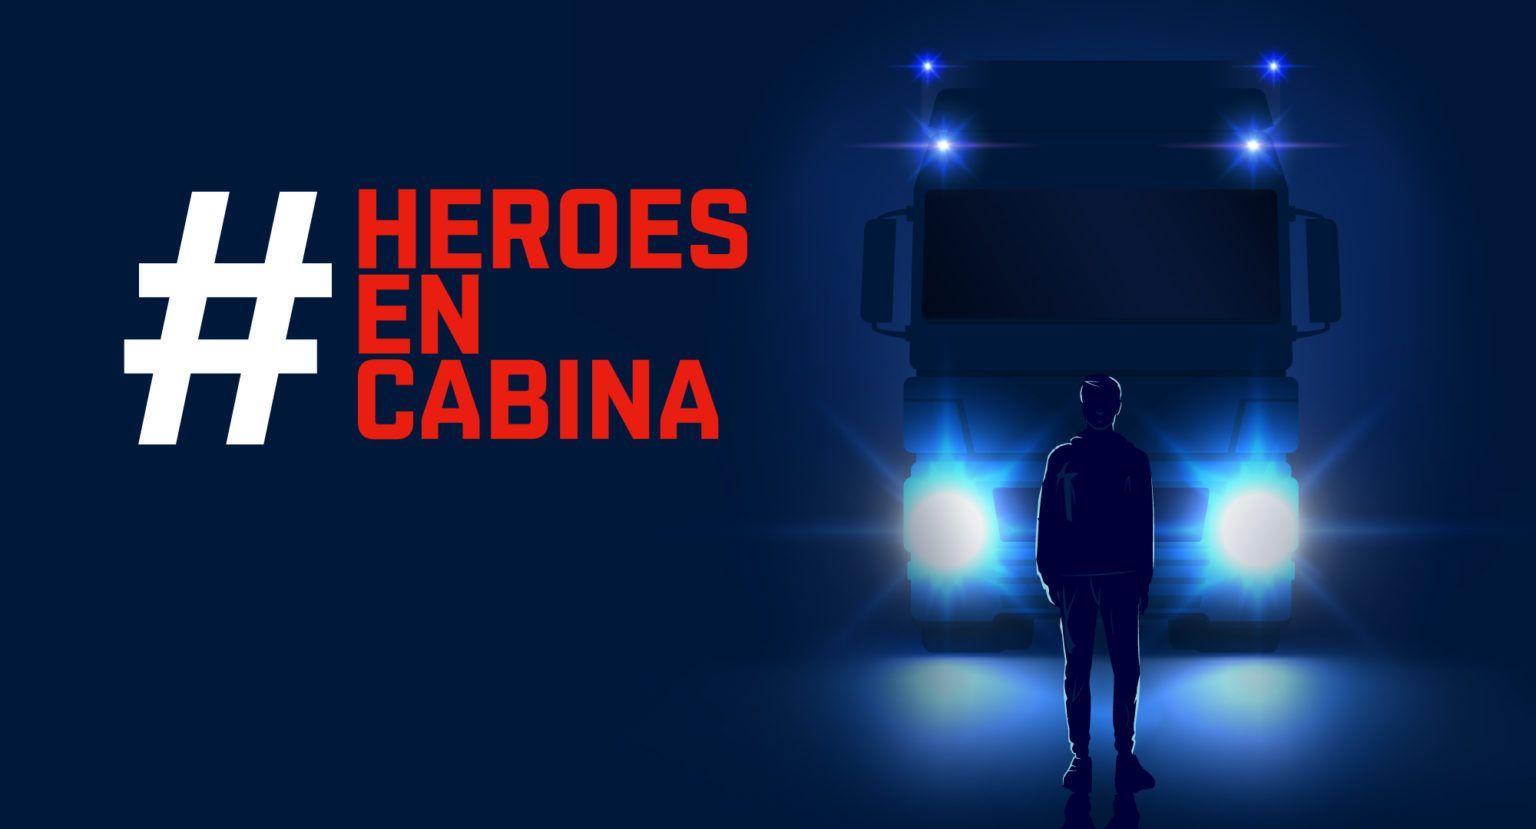 El Mosca lanza la campaña #heroesencabina para homenajear la labor de sus camioneros durante la pandemia